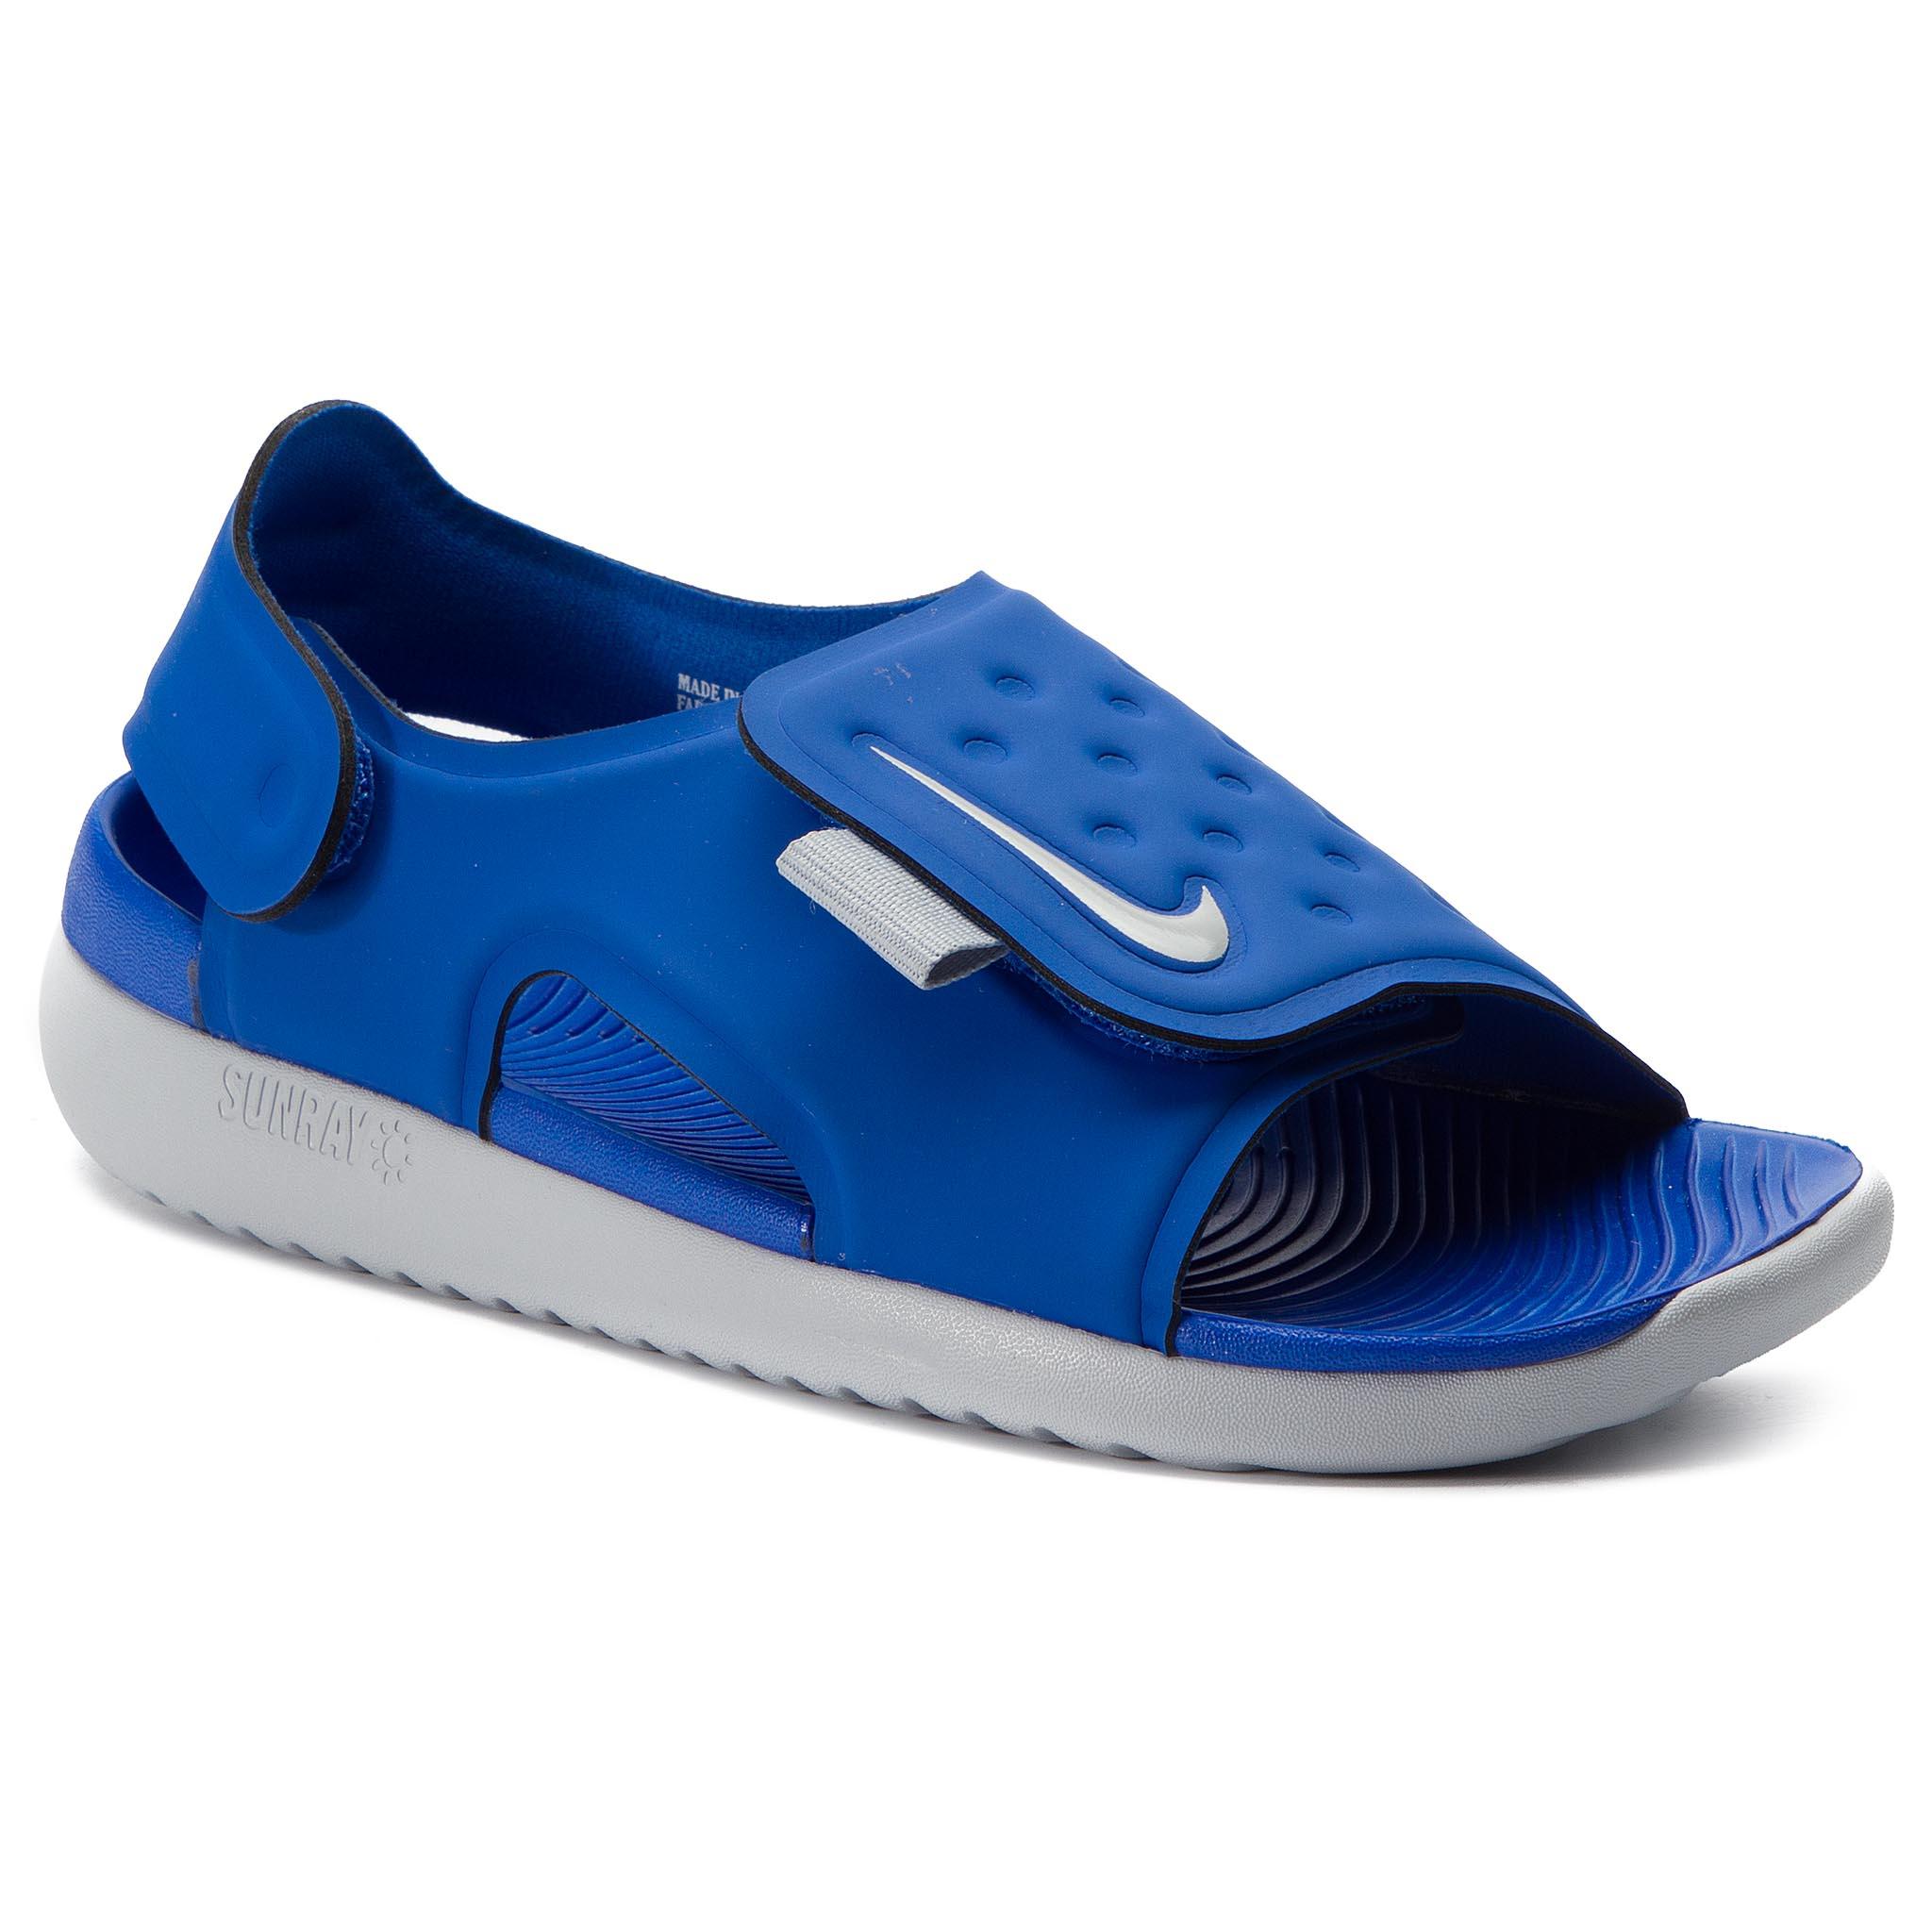 Nike Sunray Protect 2 (PS) desde 17,00 € | Compara precios